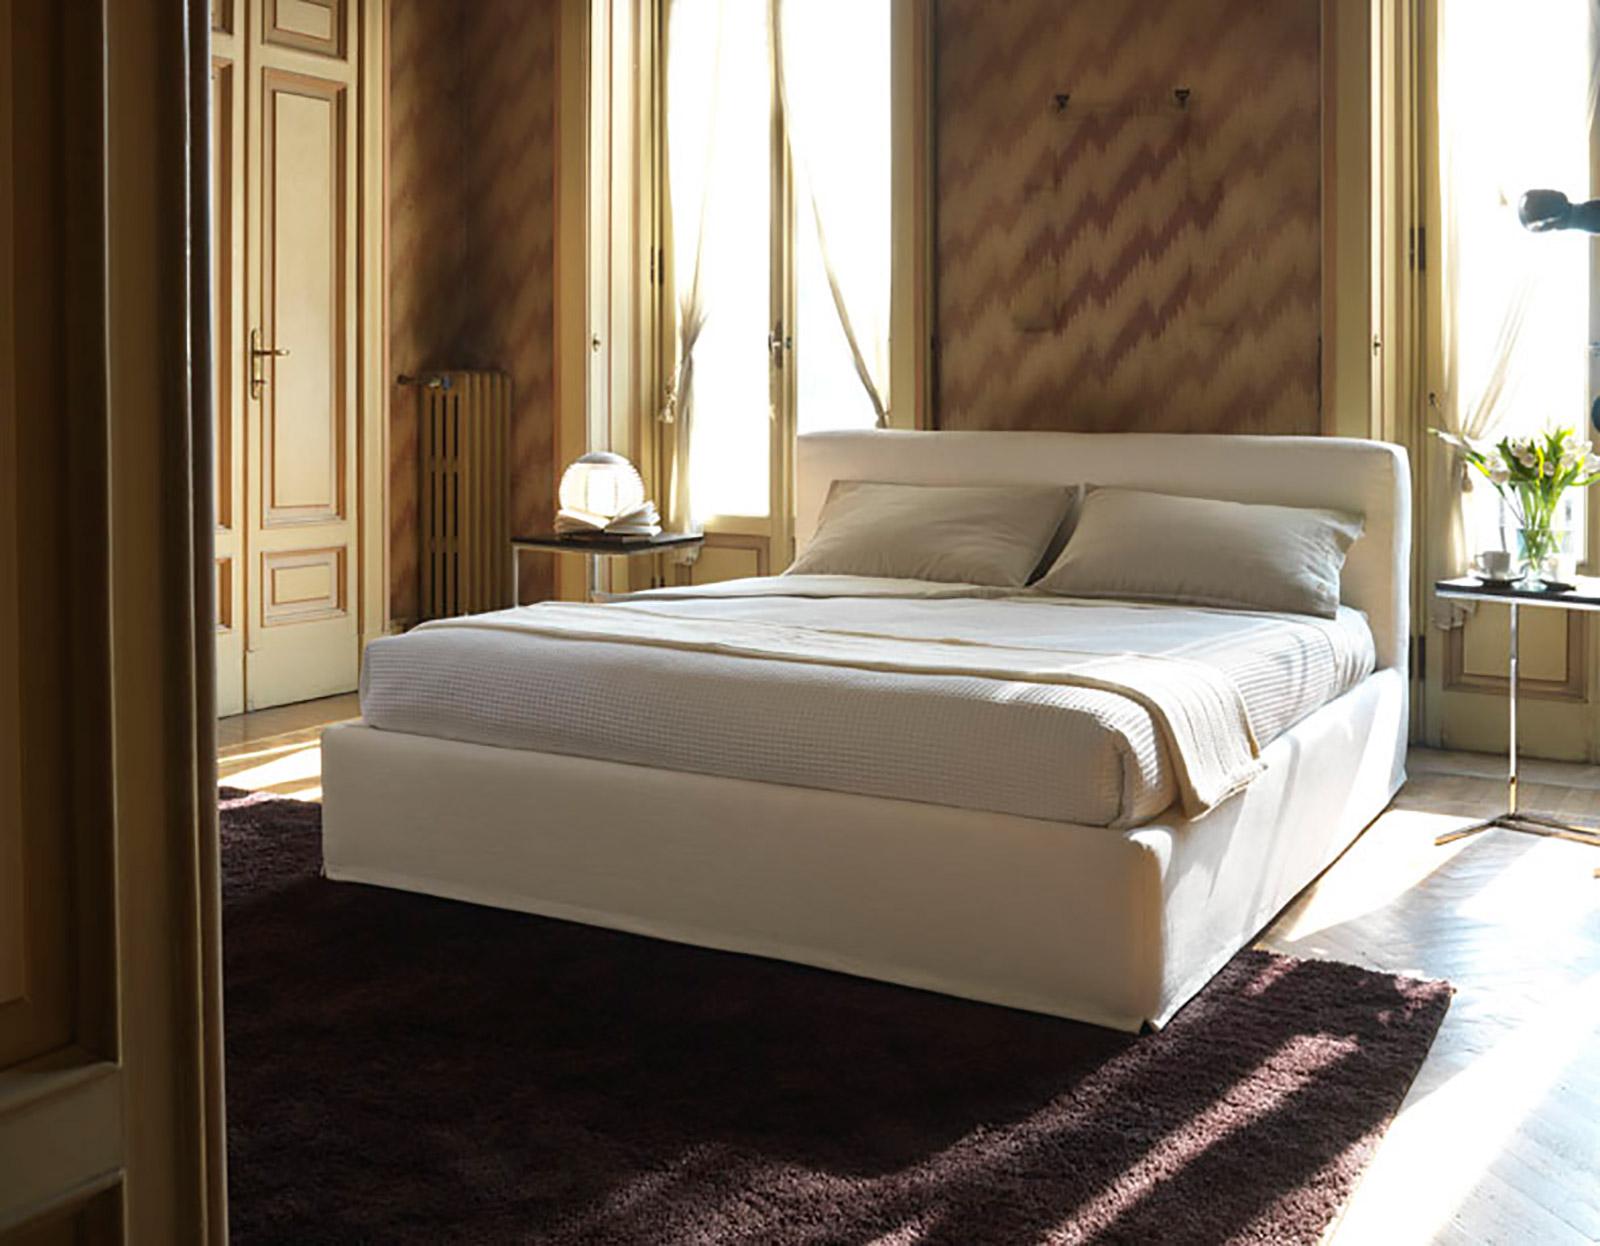 Aster Bed - Kappa Salotti